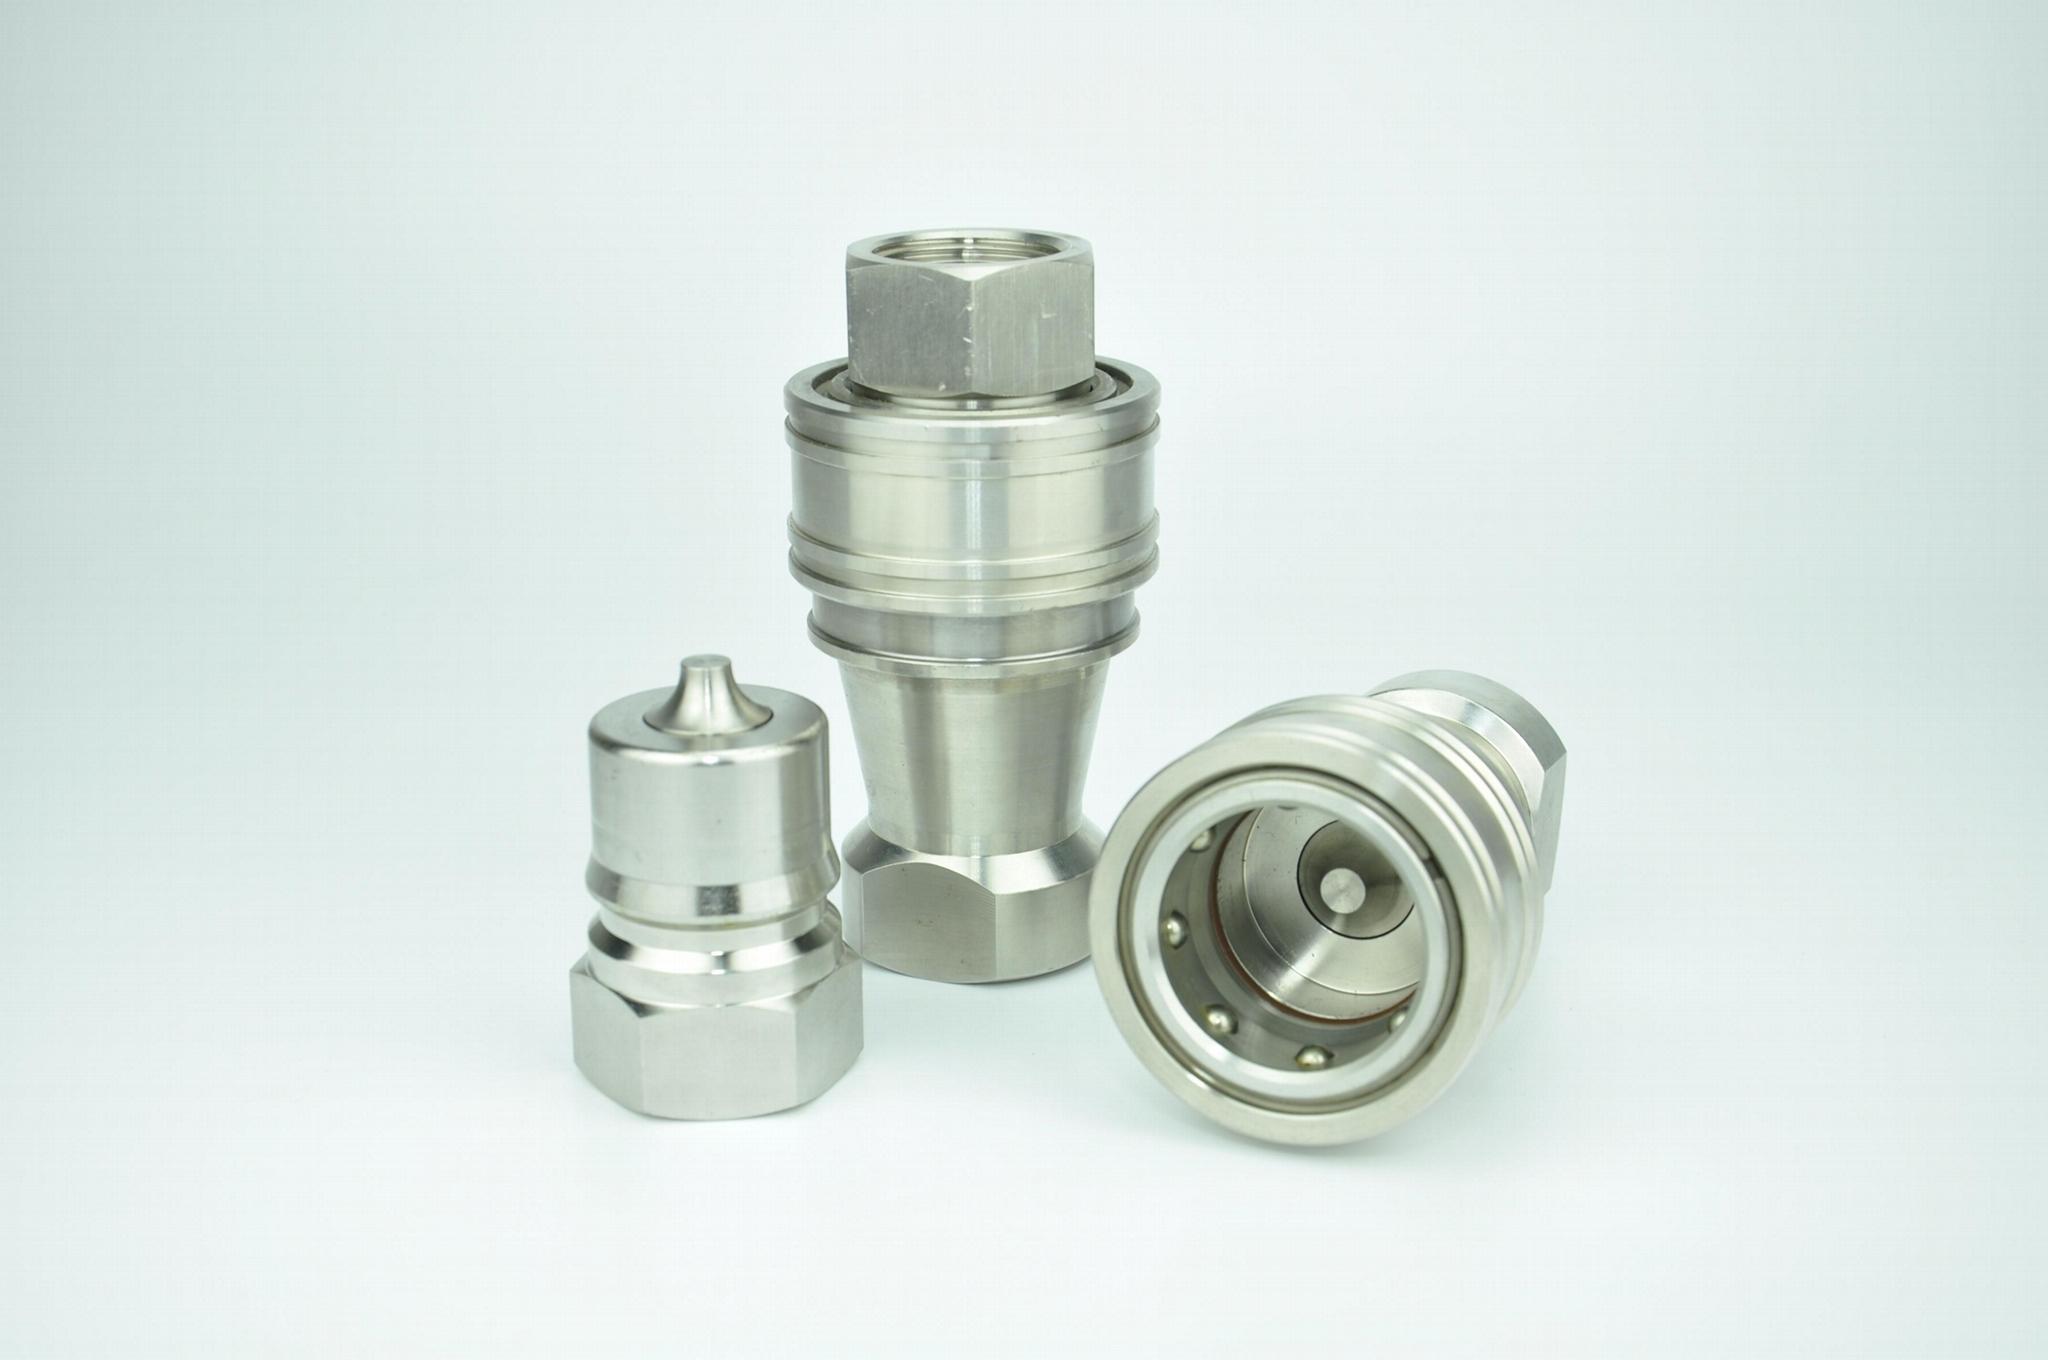 KZF不锈钢开闭式高压油管耐高温腐蚀快速接头 4